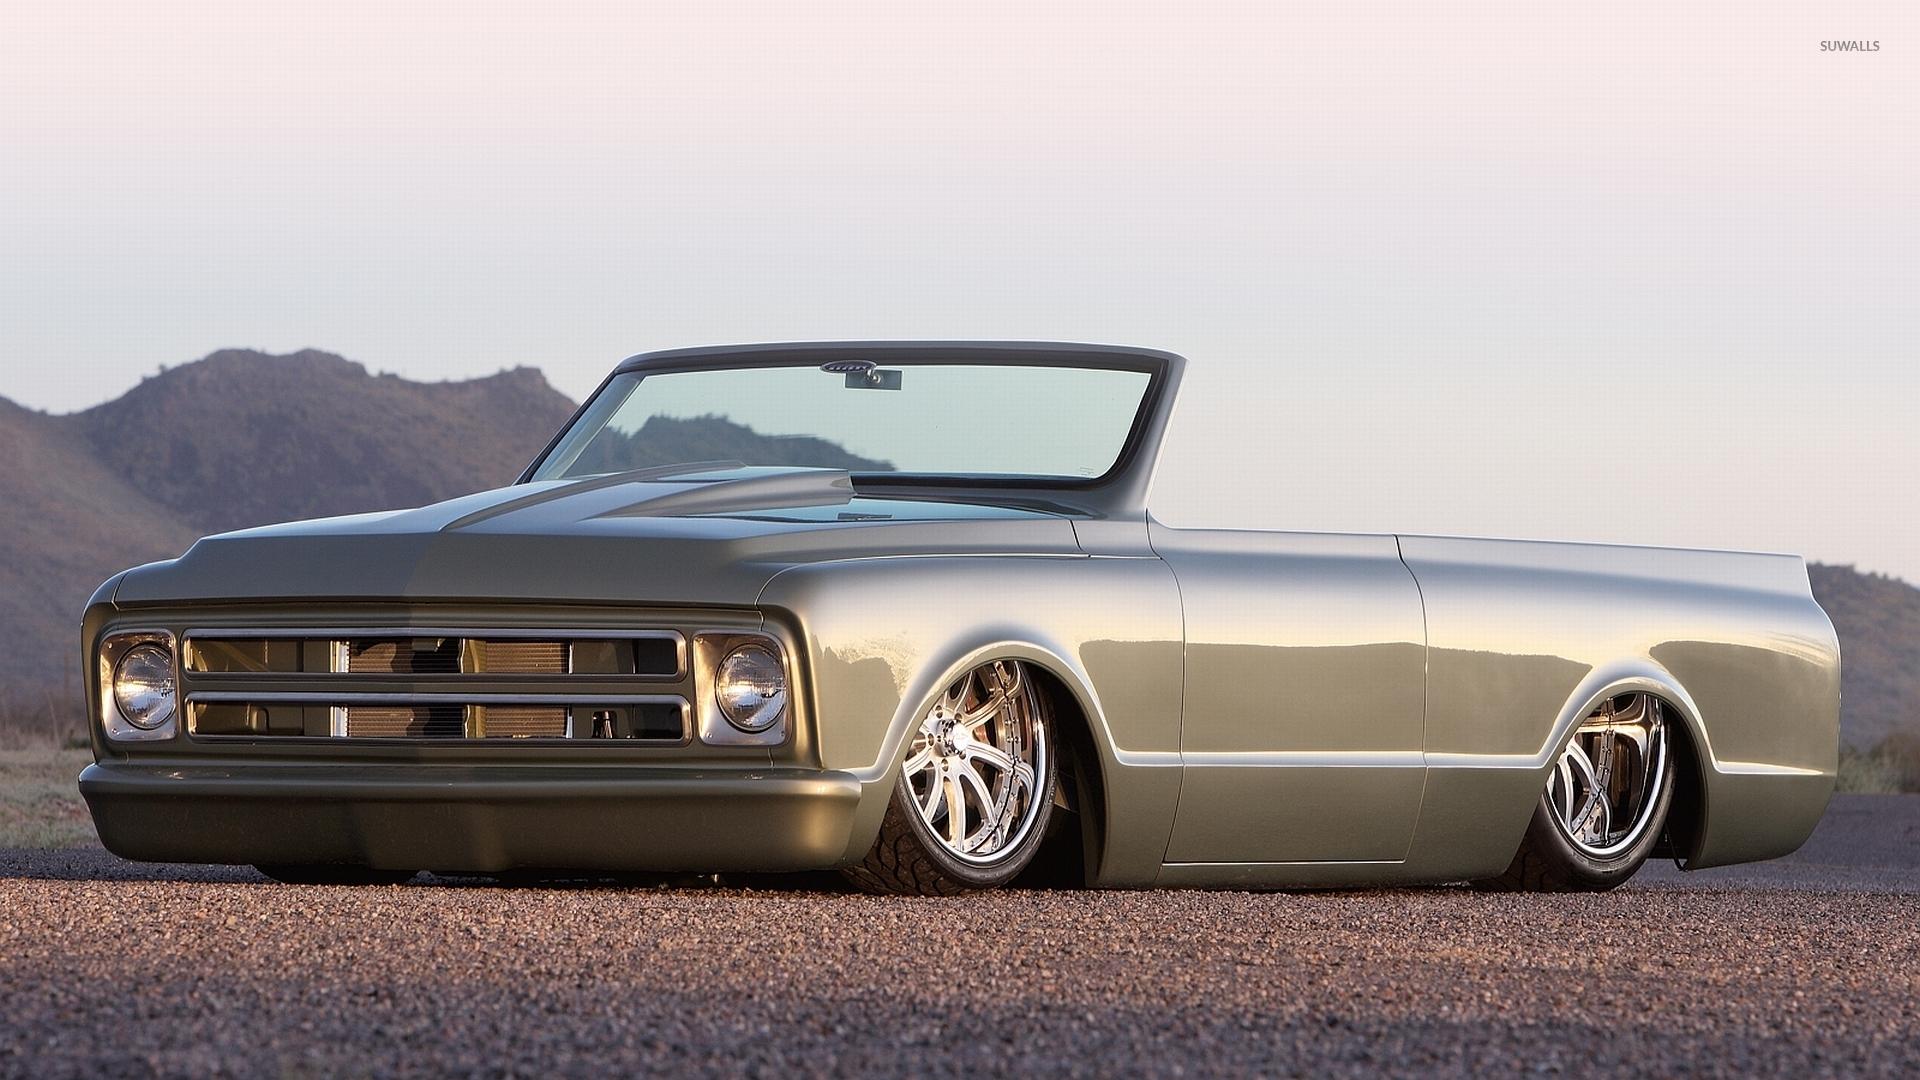 Chevrolet Lowrider Wallpaper